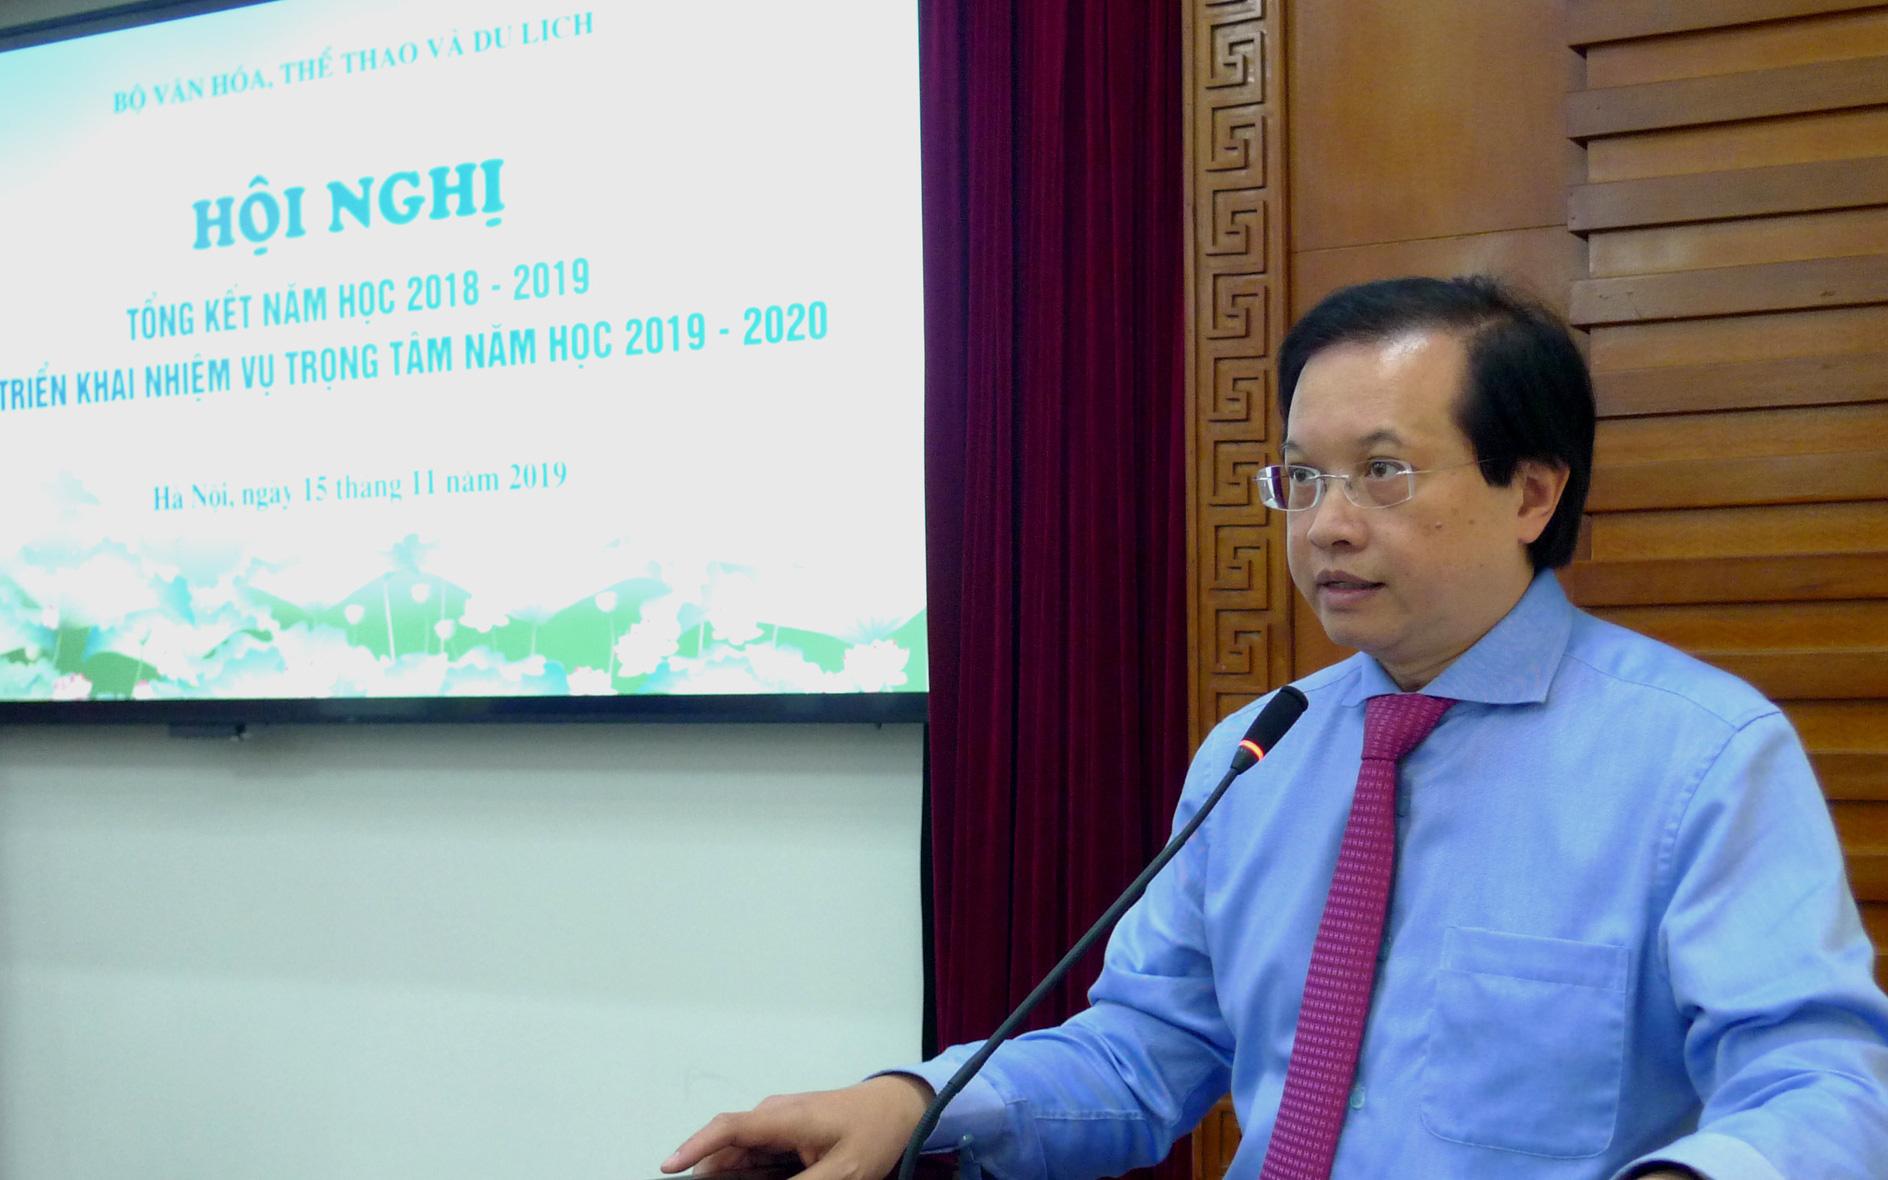 Hội nghị tổng kết năm học 2018-2019 và triển khai nhiệm vụ năm học 2019-2020 ngành VHTTDL